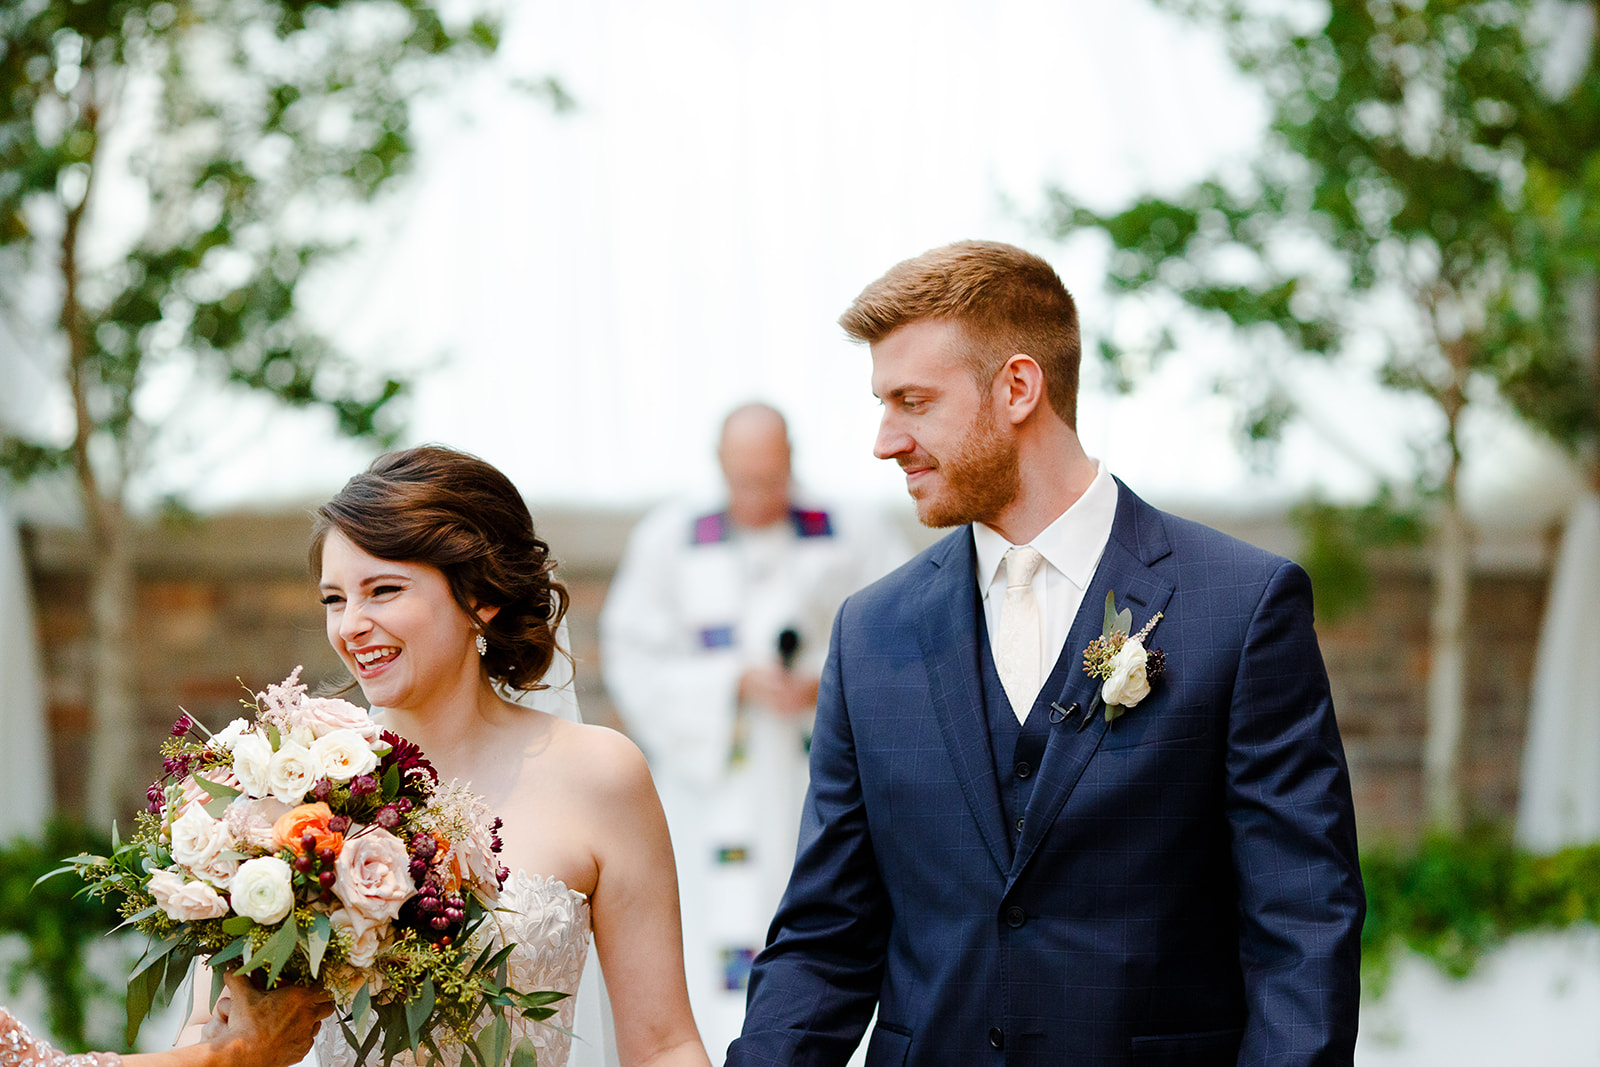 bridgeport art center sculpture garden wedding_51.jpg